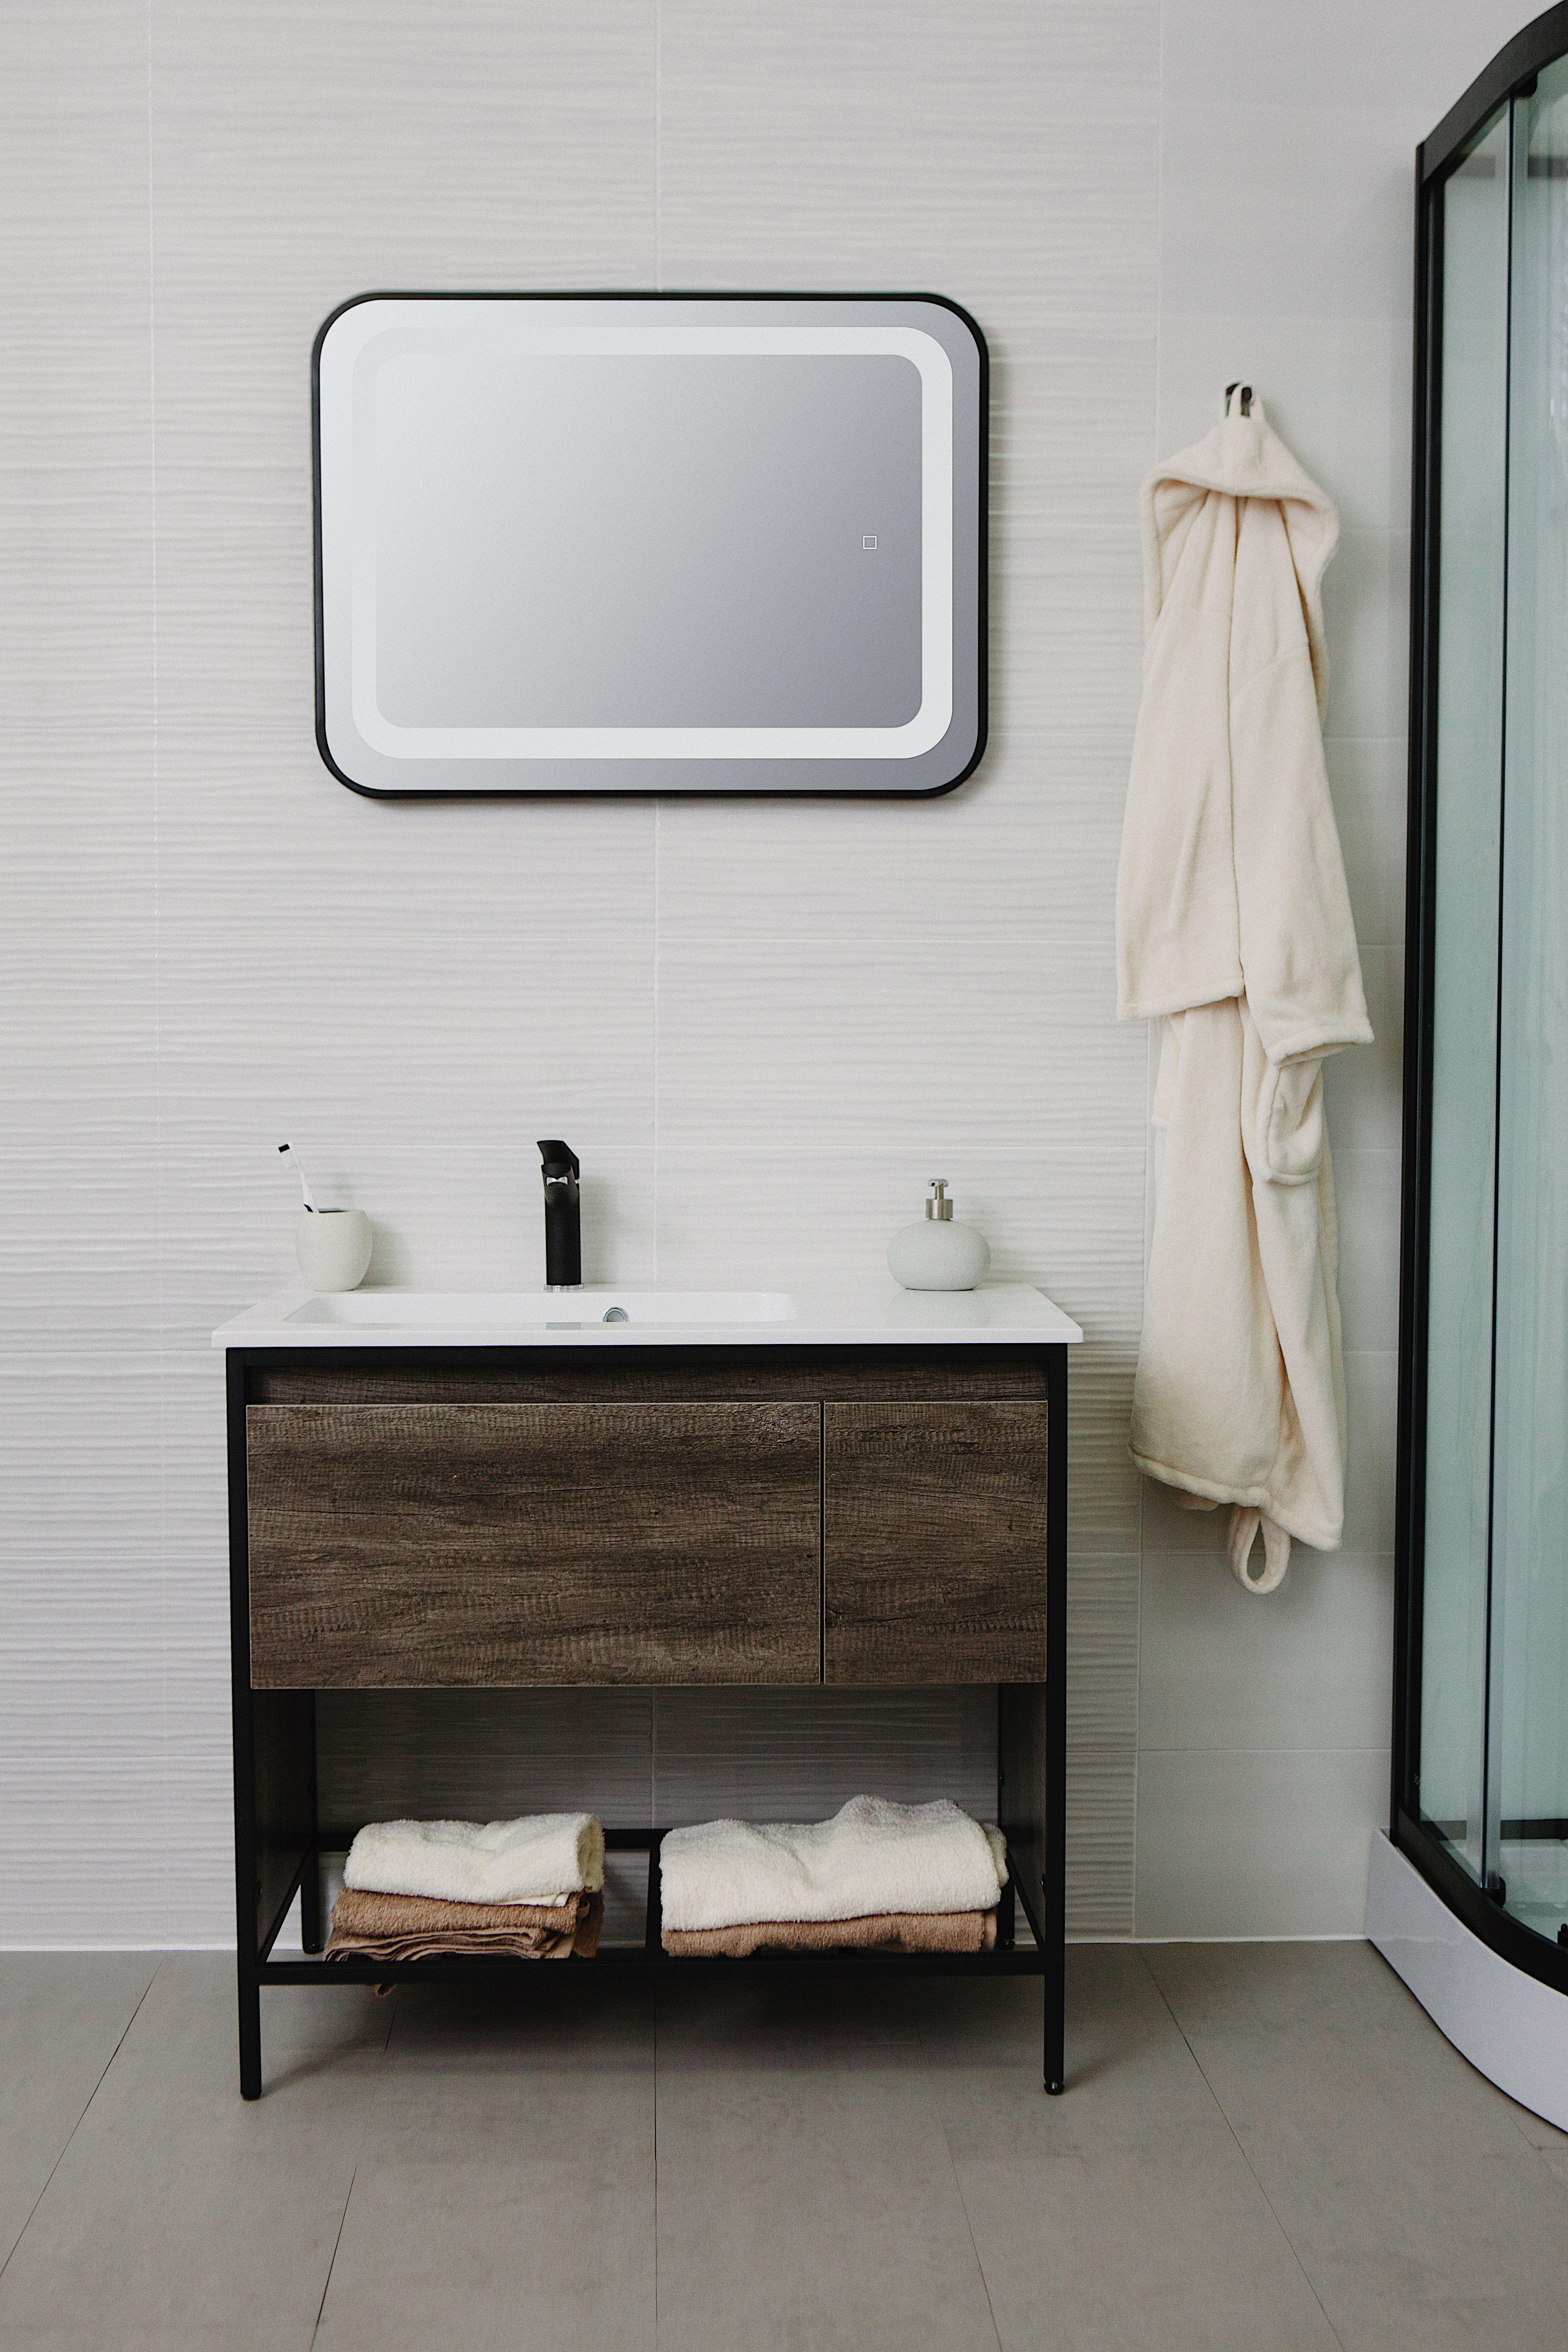 Einfach Aber Besonders Alles Auf Home36 At Finden Badezimmer Zubehor Soho Duschkabine